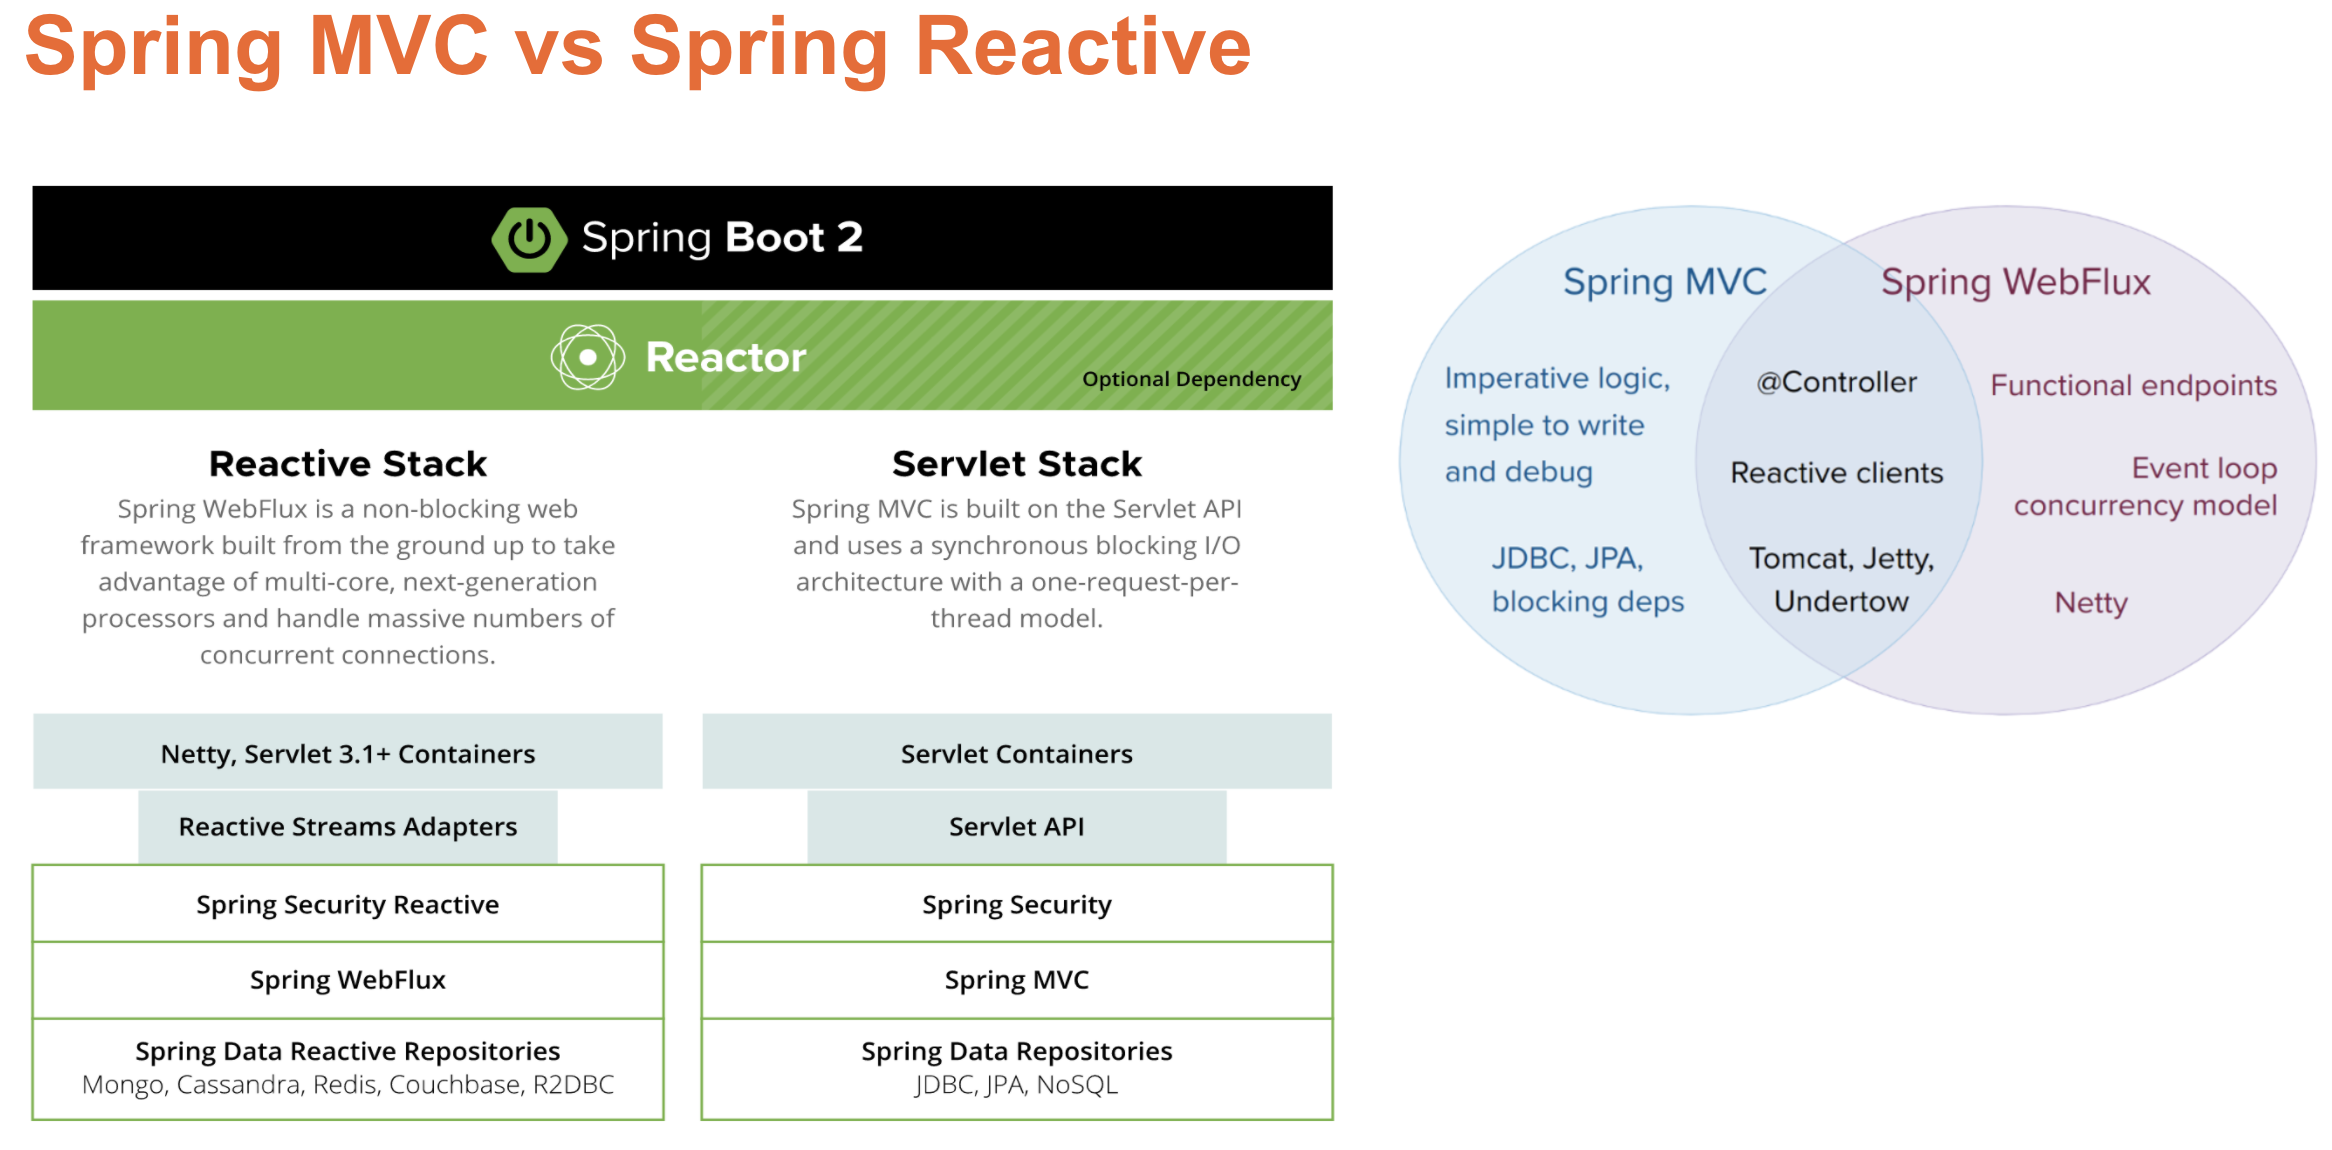 Spring MVC vs Spring Reactive